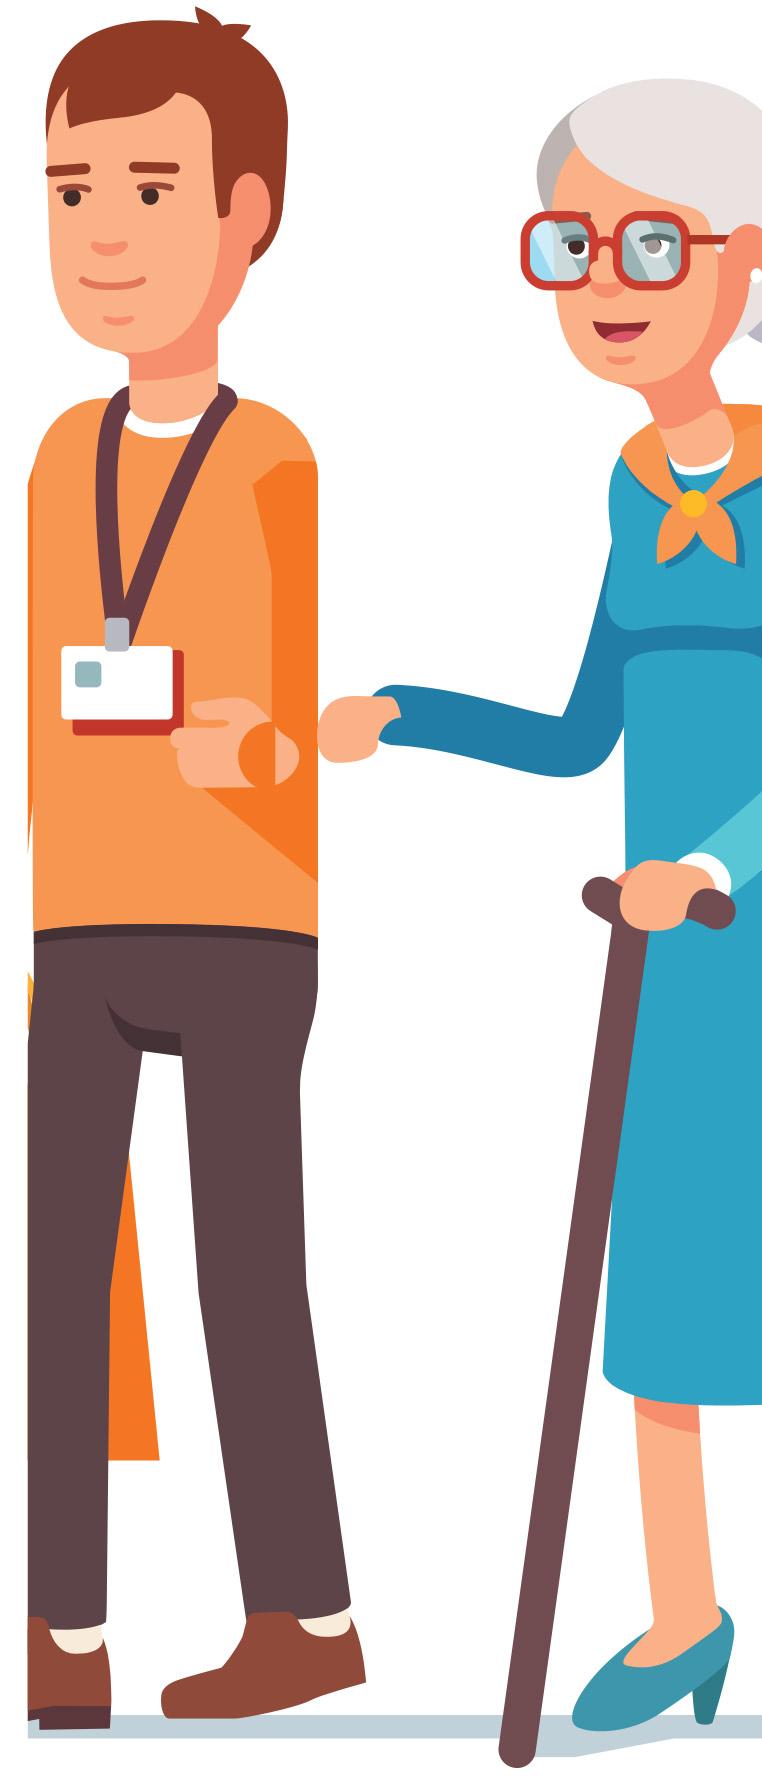 Lung Cancer Awareness - www.usveterancare.com